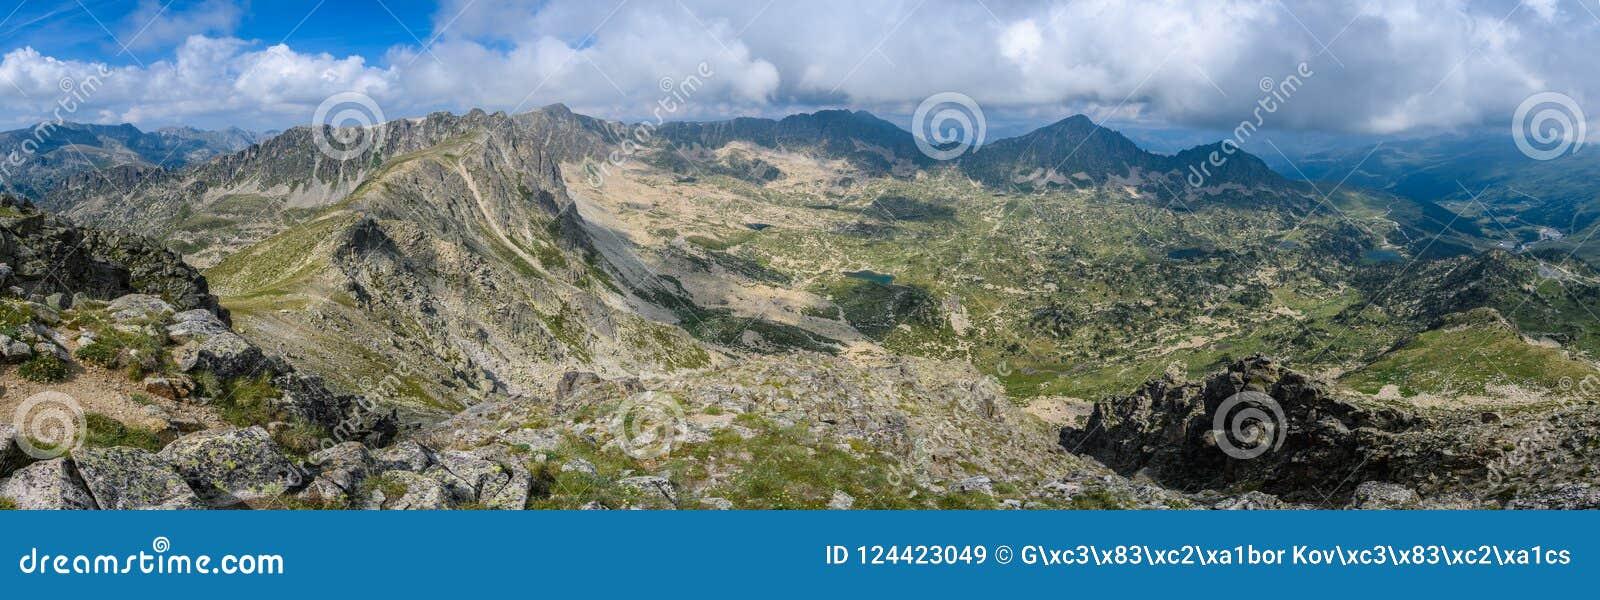 Vista panorâmica do pico de Montmalus em Andorra